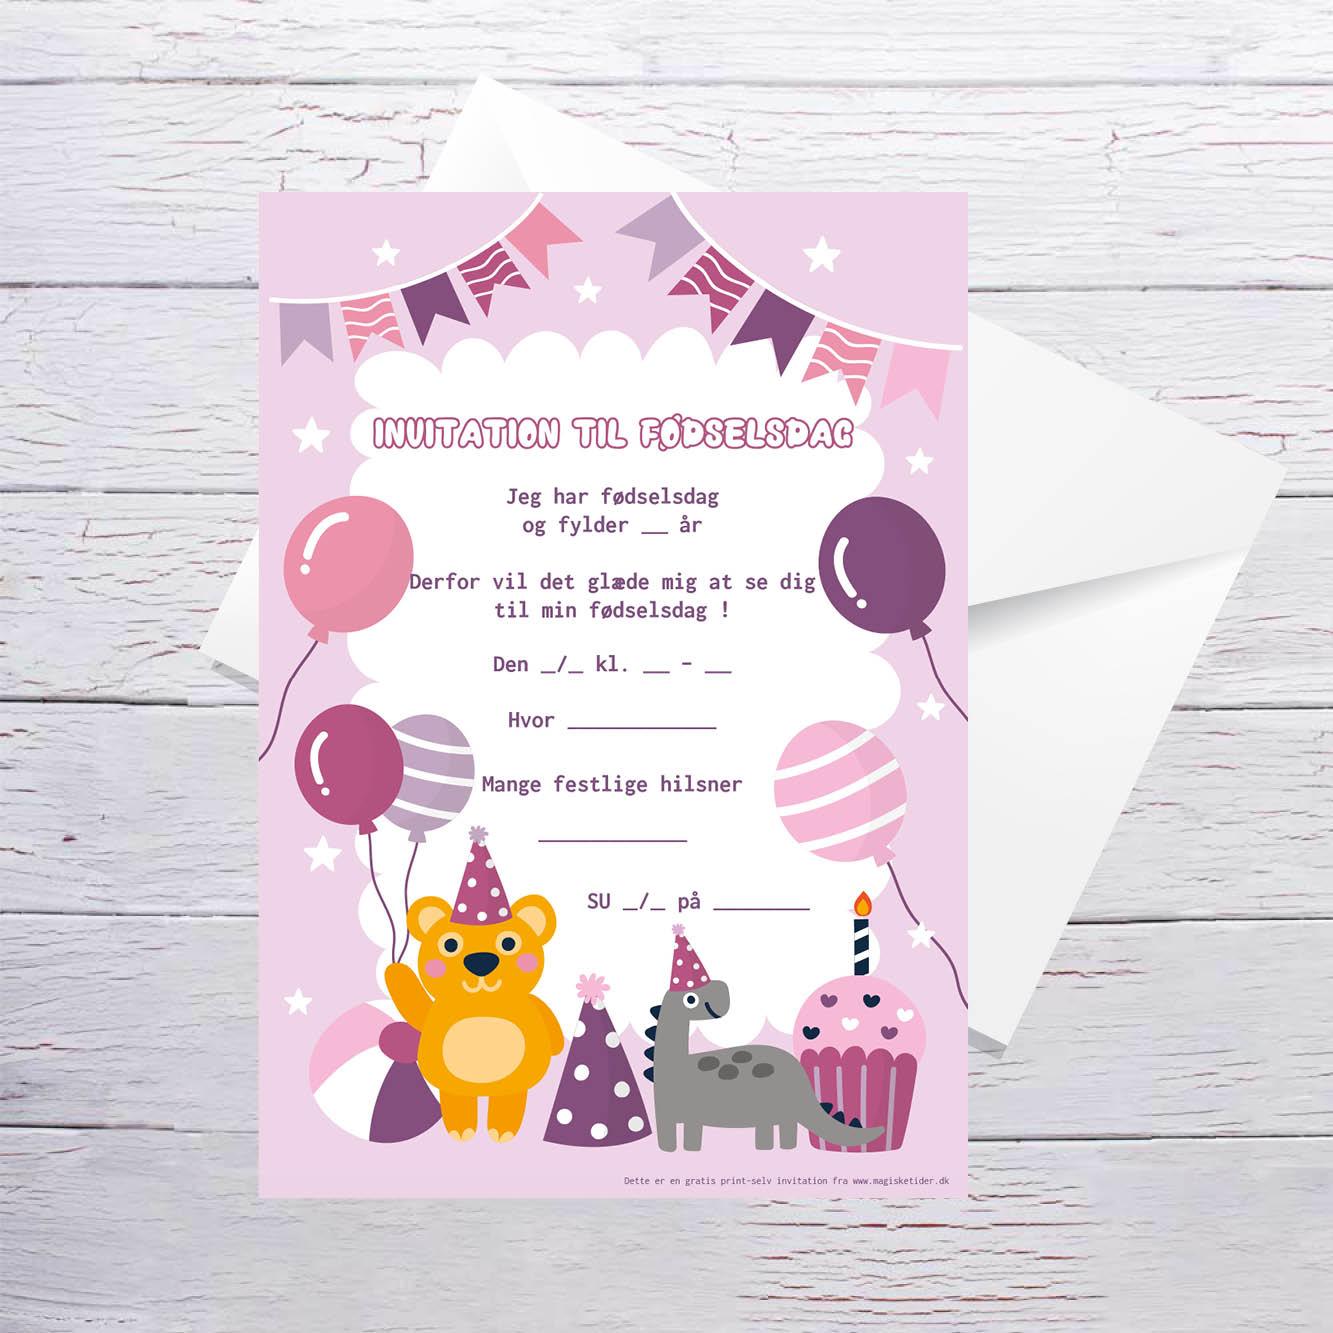 Invitationer børnefødselsdag